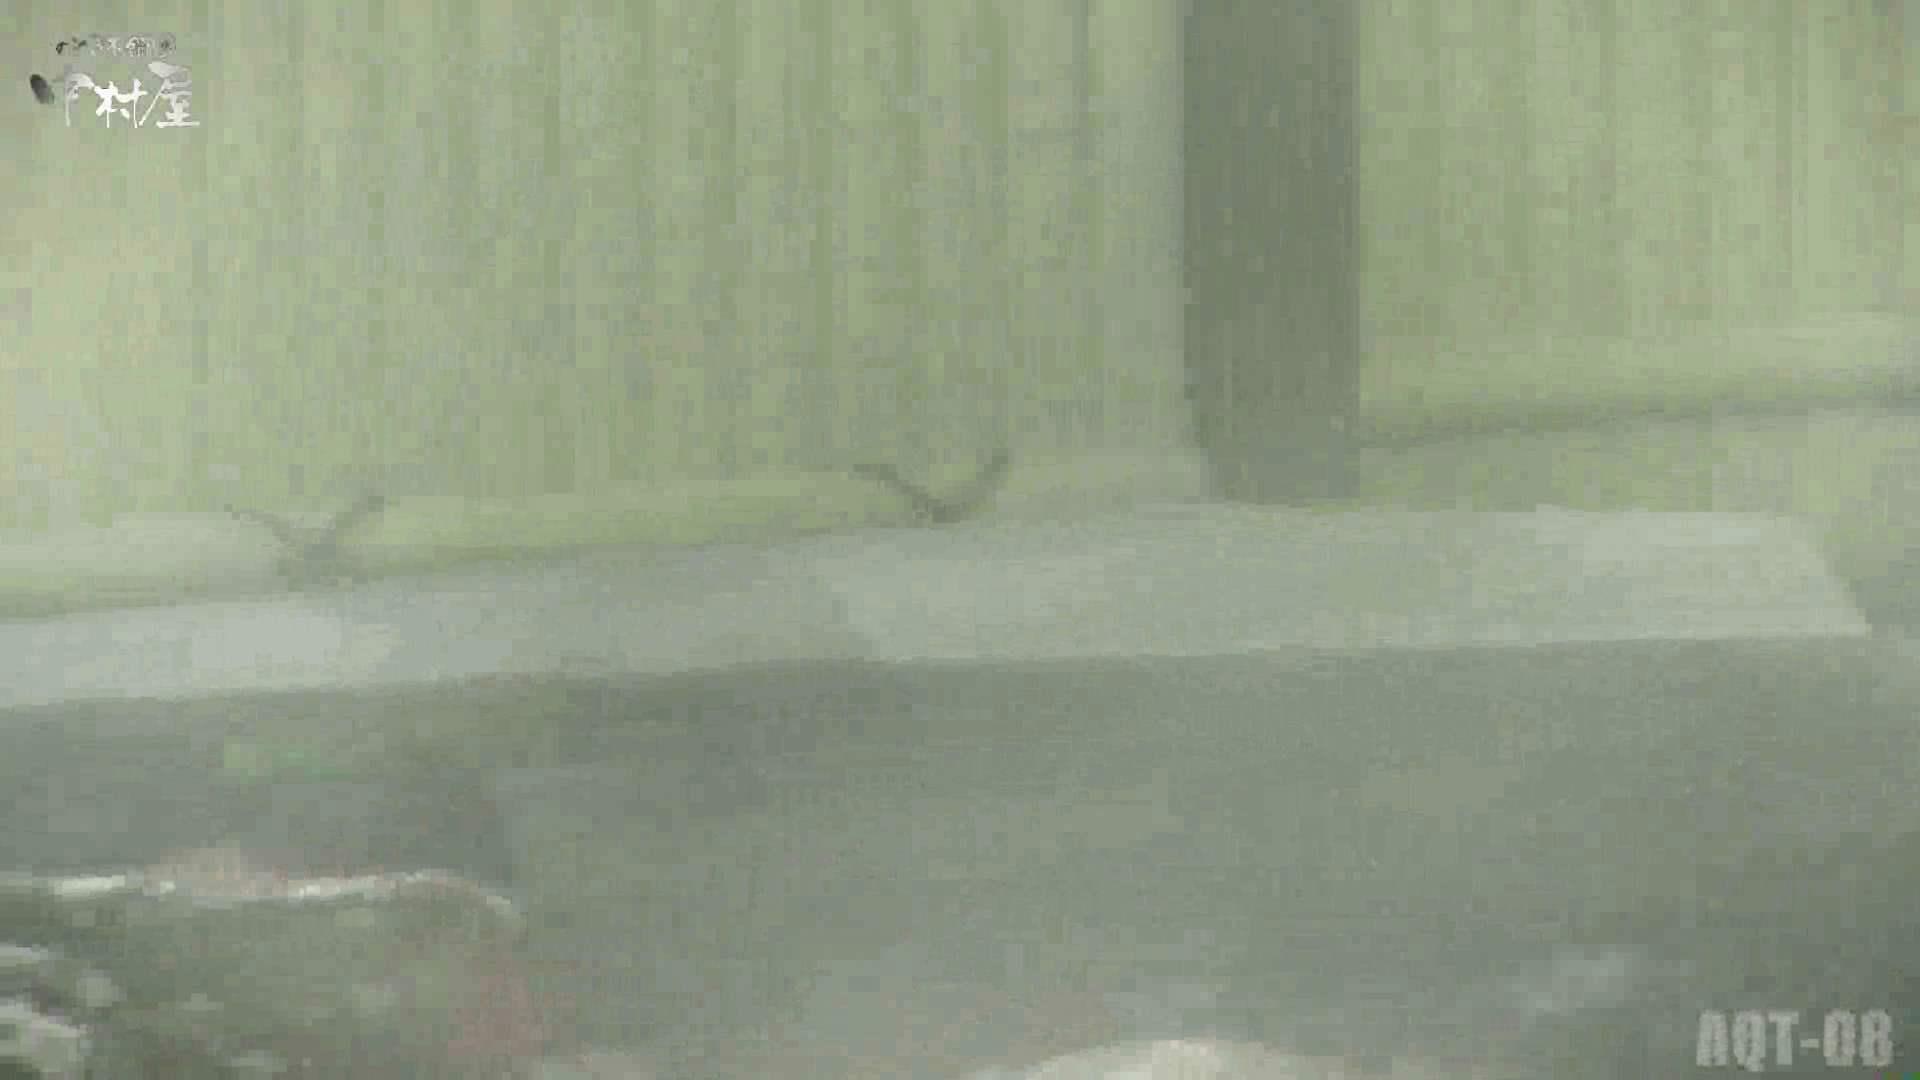 Aquaな露天風呂Vol.872潜入盗撮露天風呂八判湯 其の五 盗撮シリーズ   潜入  101PIX 16